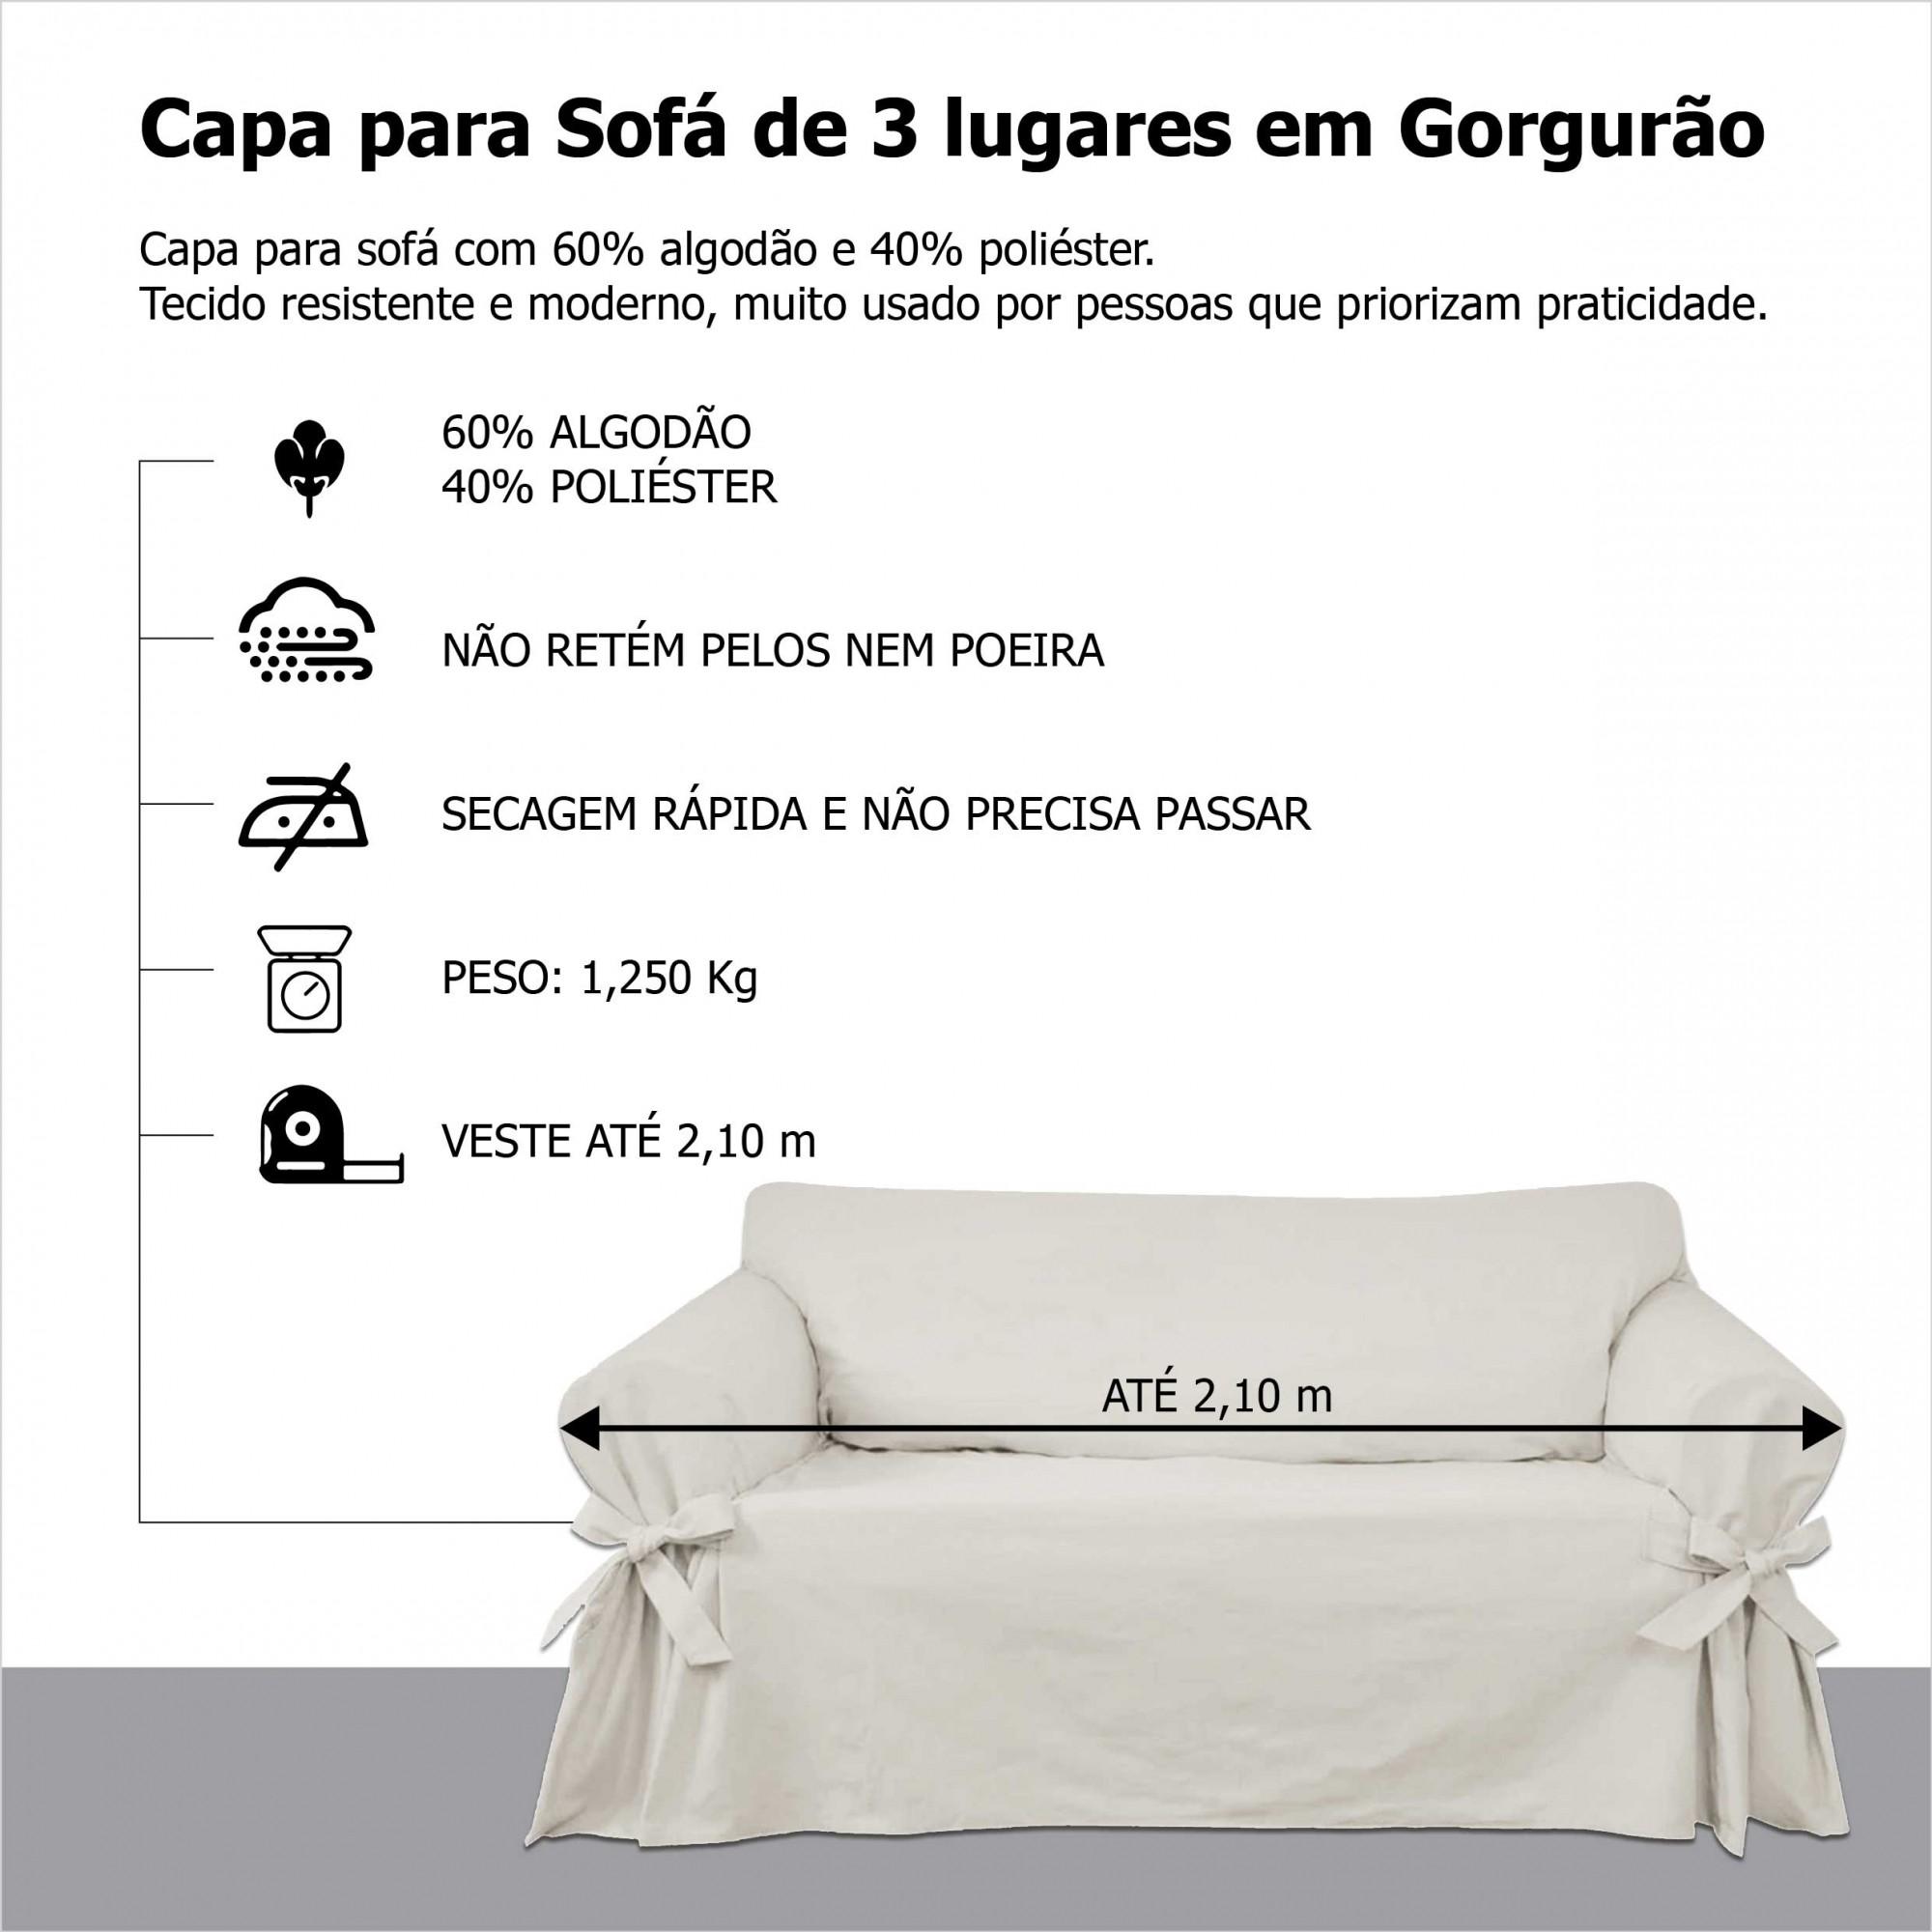 Capa p/ Sofá de 3 Lug CINZA em Gorgurão